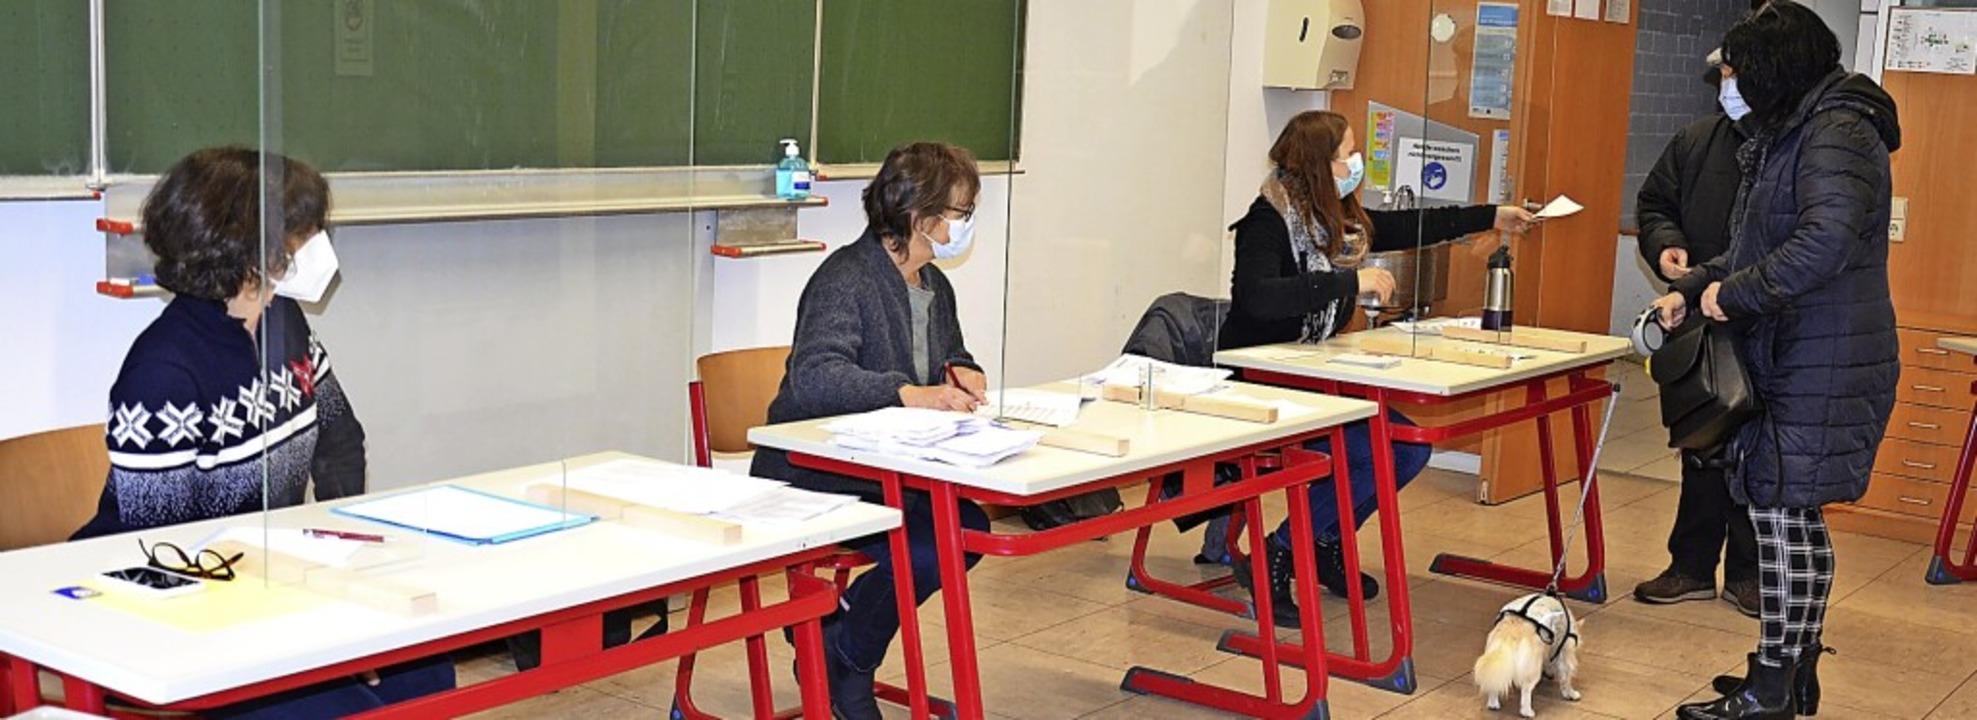 Wahlsonntag in Zell: In der ehemaligen...ten Zeller Bürger ihre Stimme abgeben.    Foto: Steinfelder